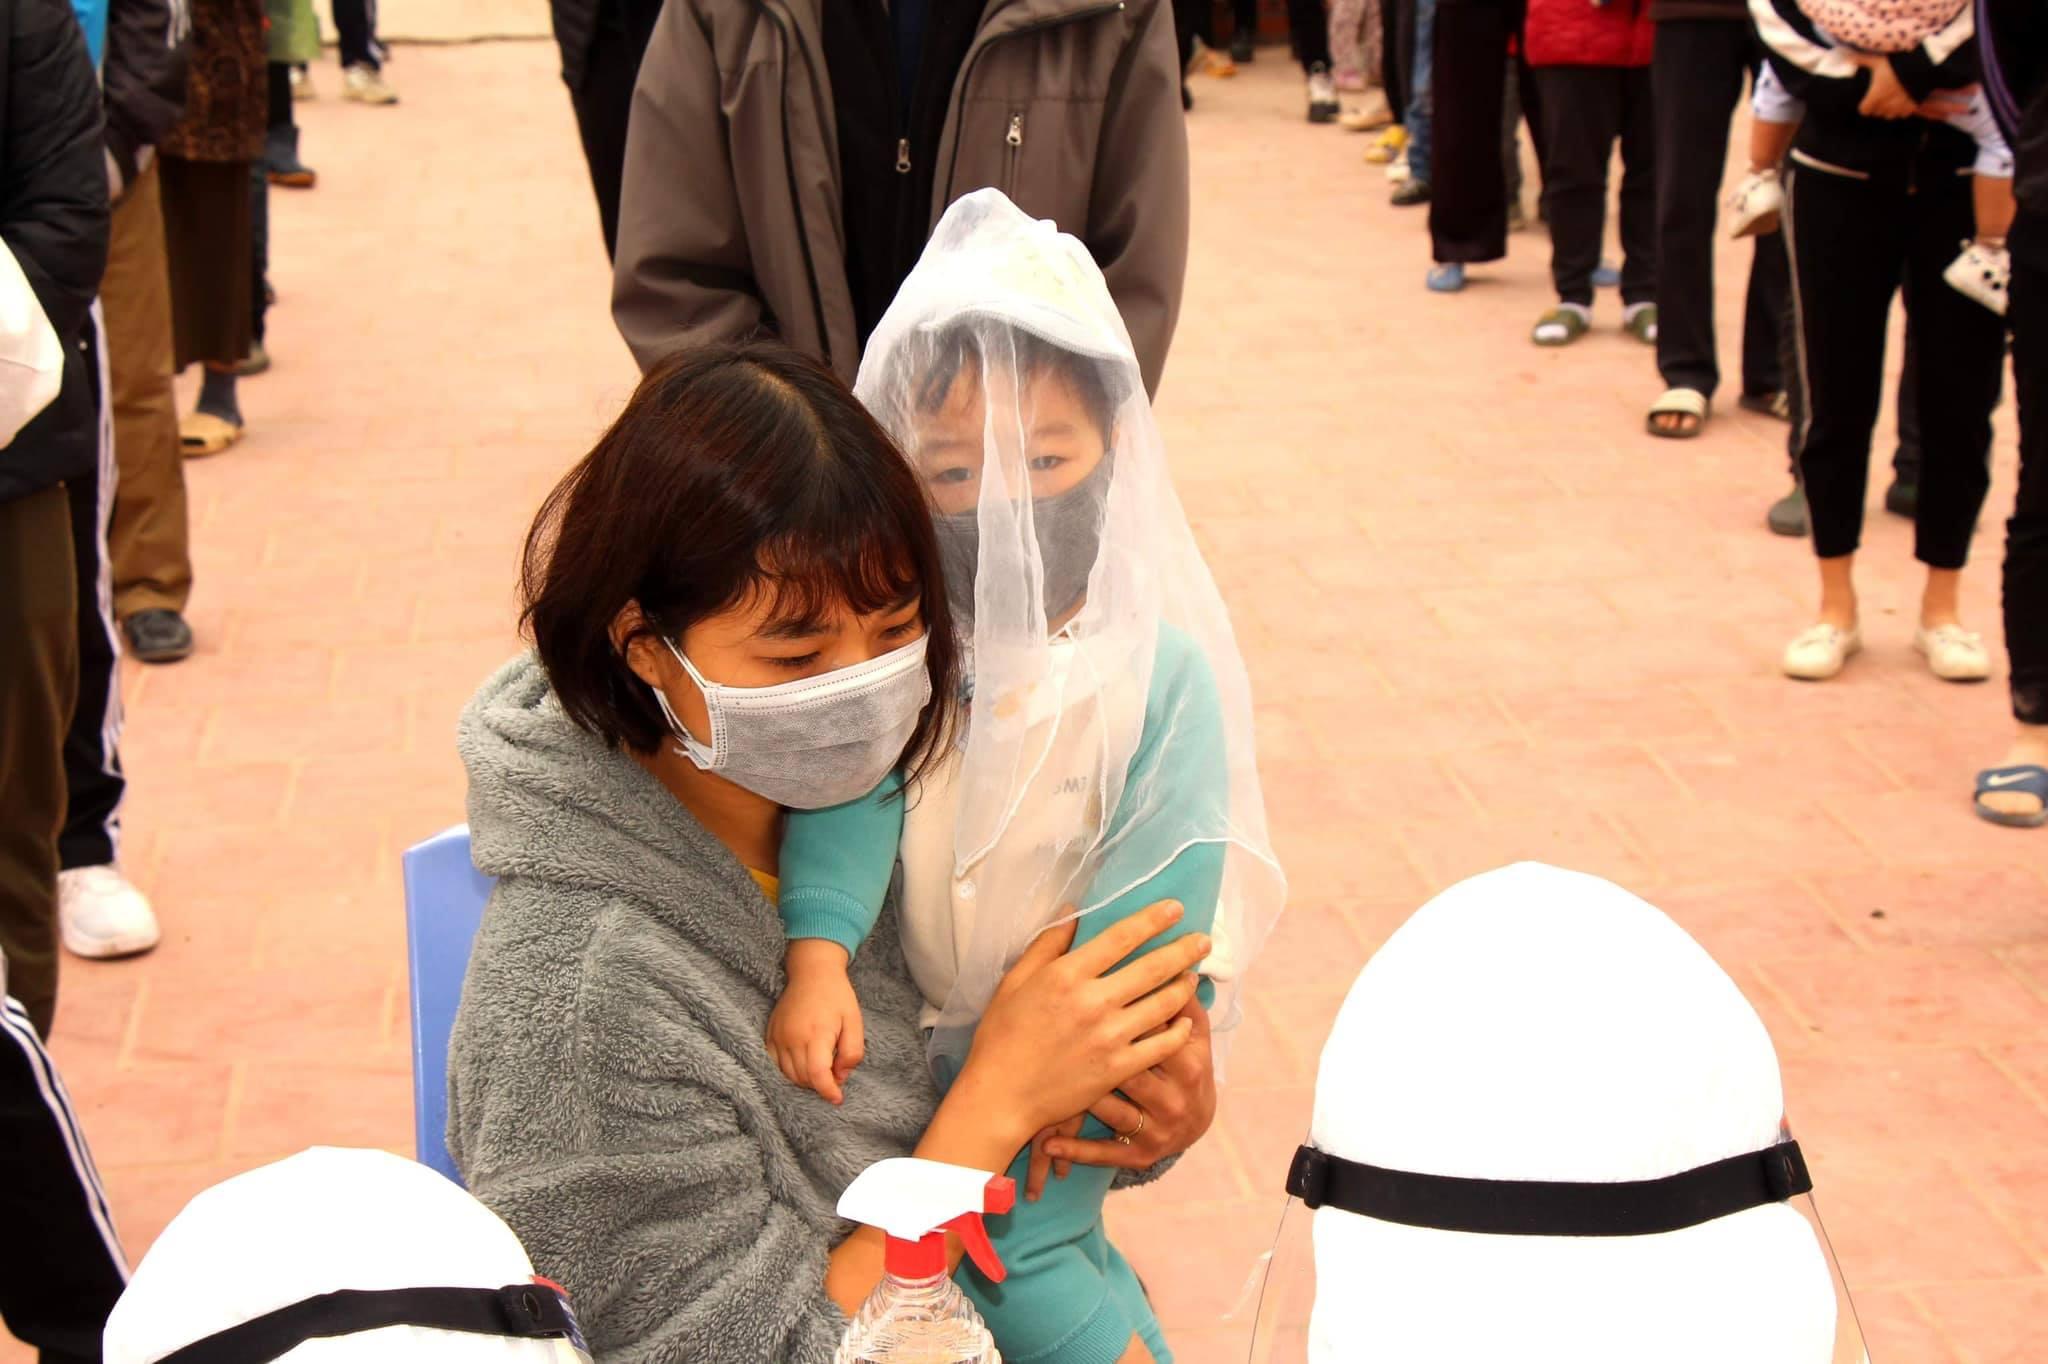 Đã có hơn nửa triệu người Việt Nam được tiêm vắc-xin COVID-19 - hình ảnh 1